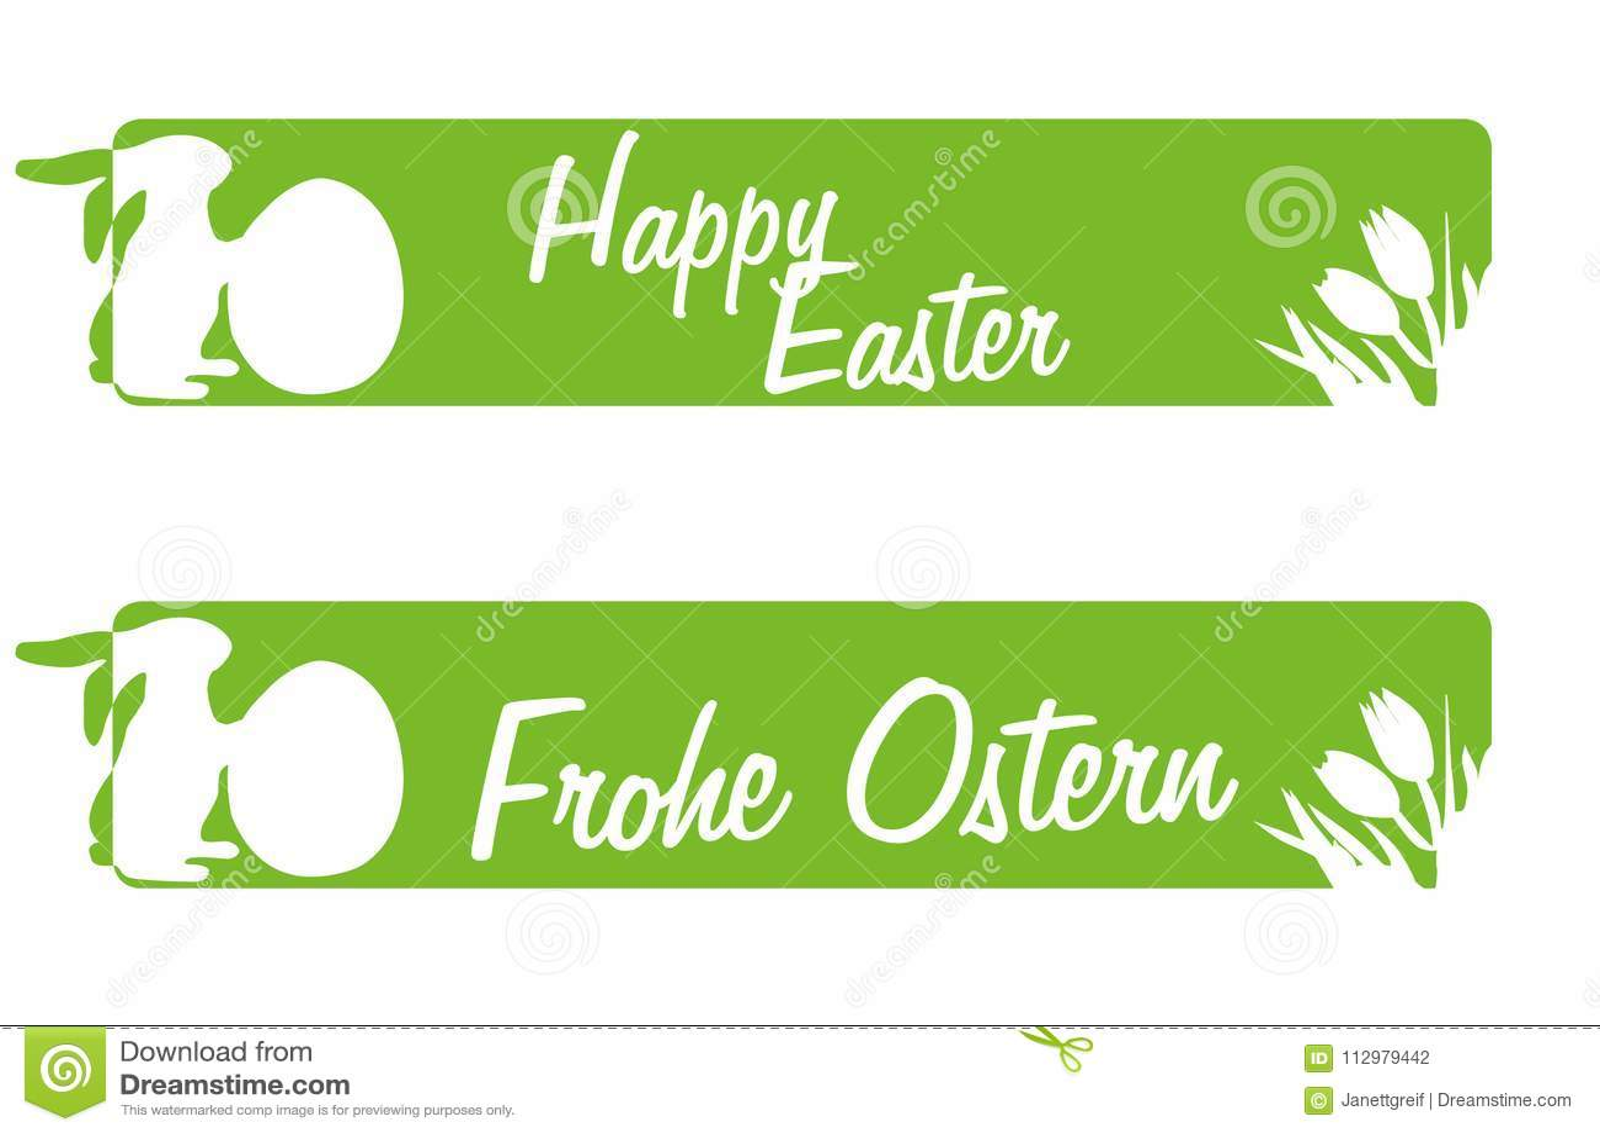 Easter Greetings in green banner Happ Easter